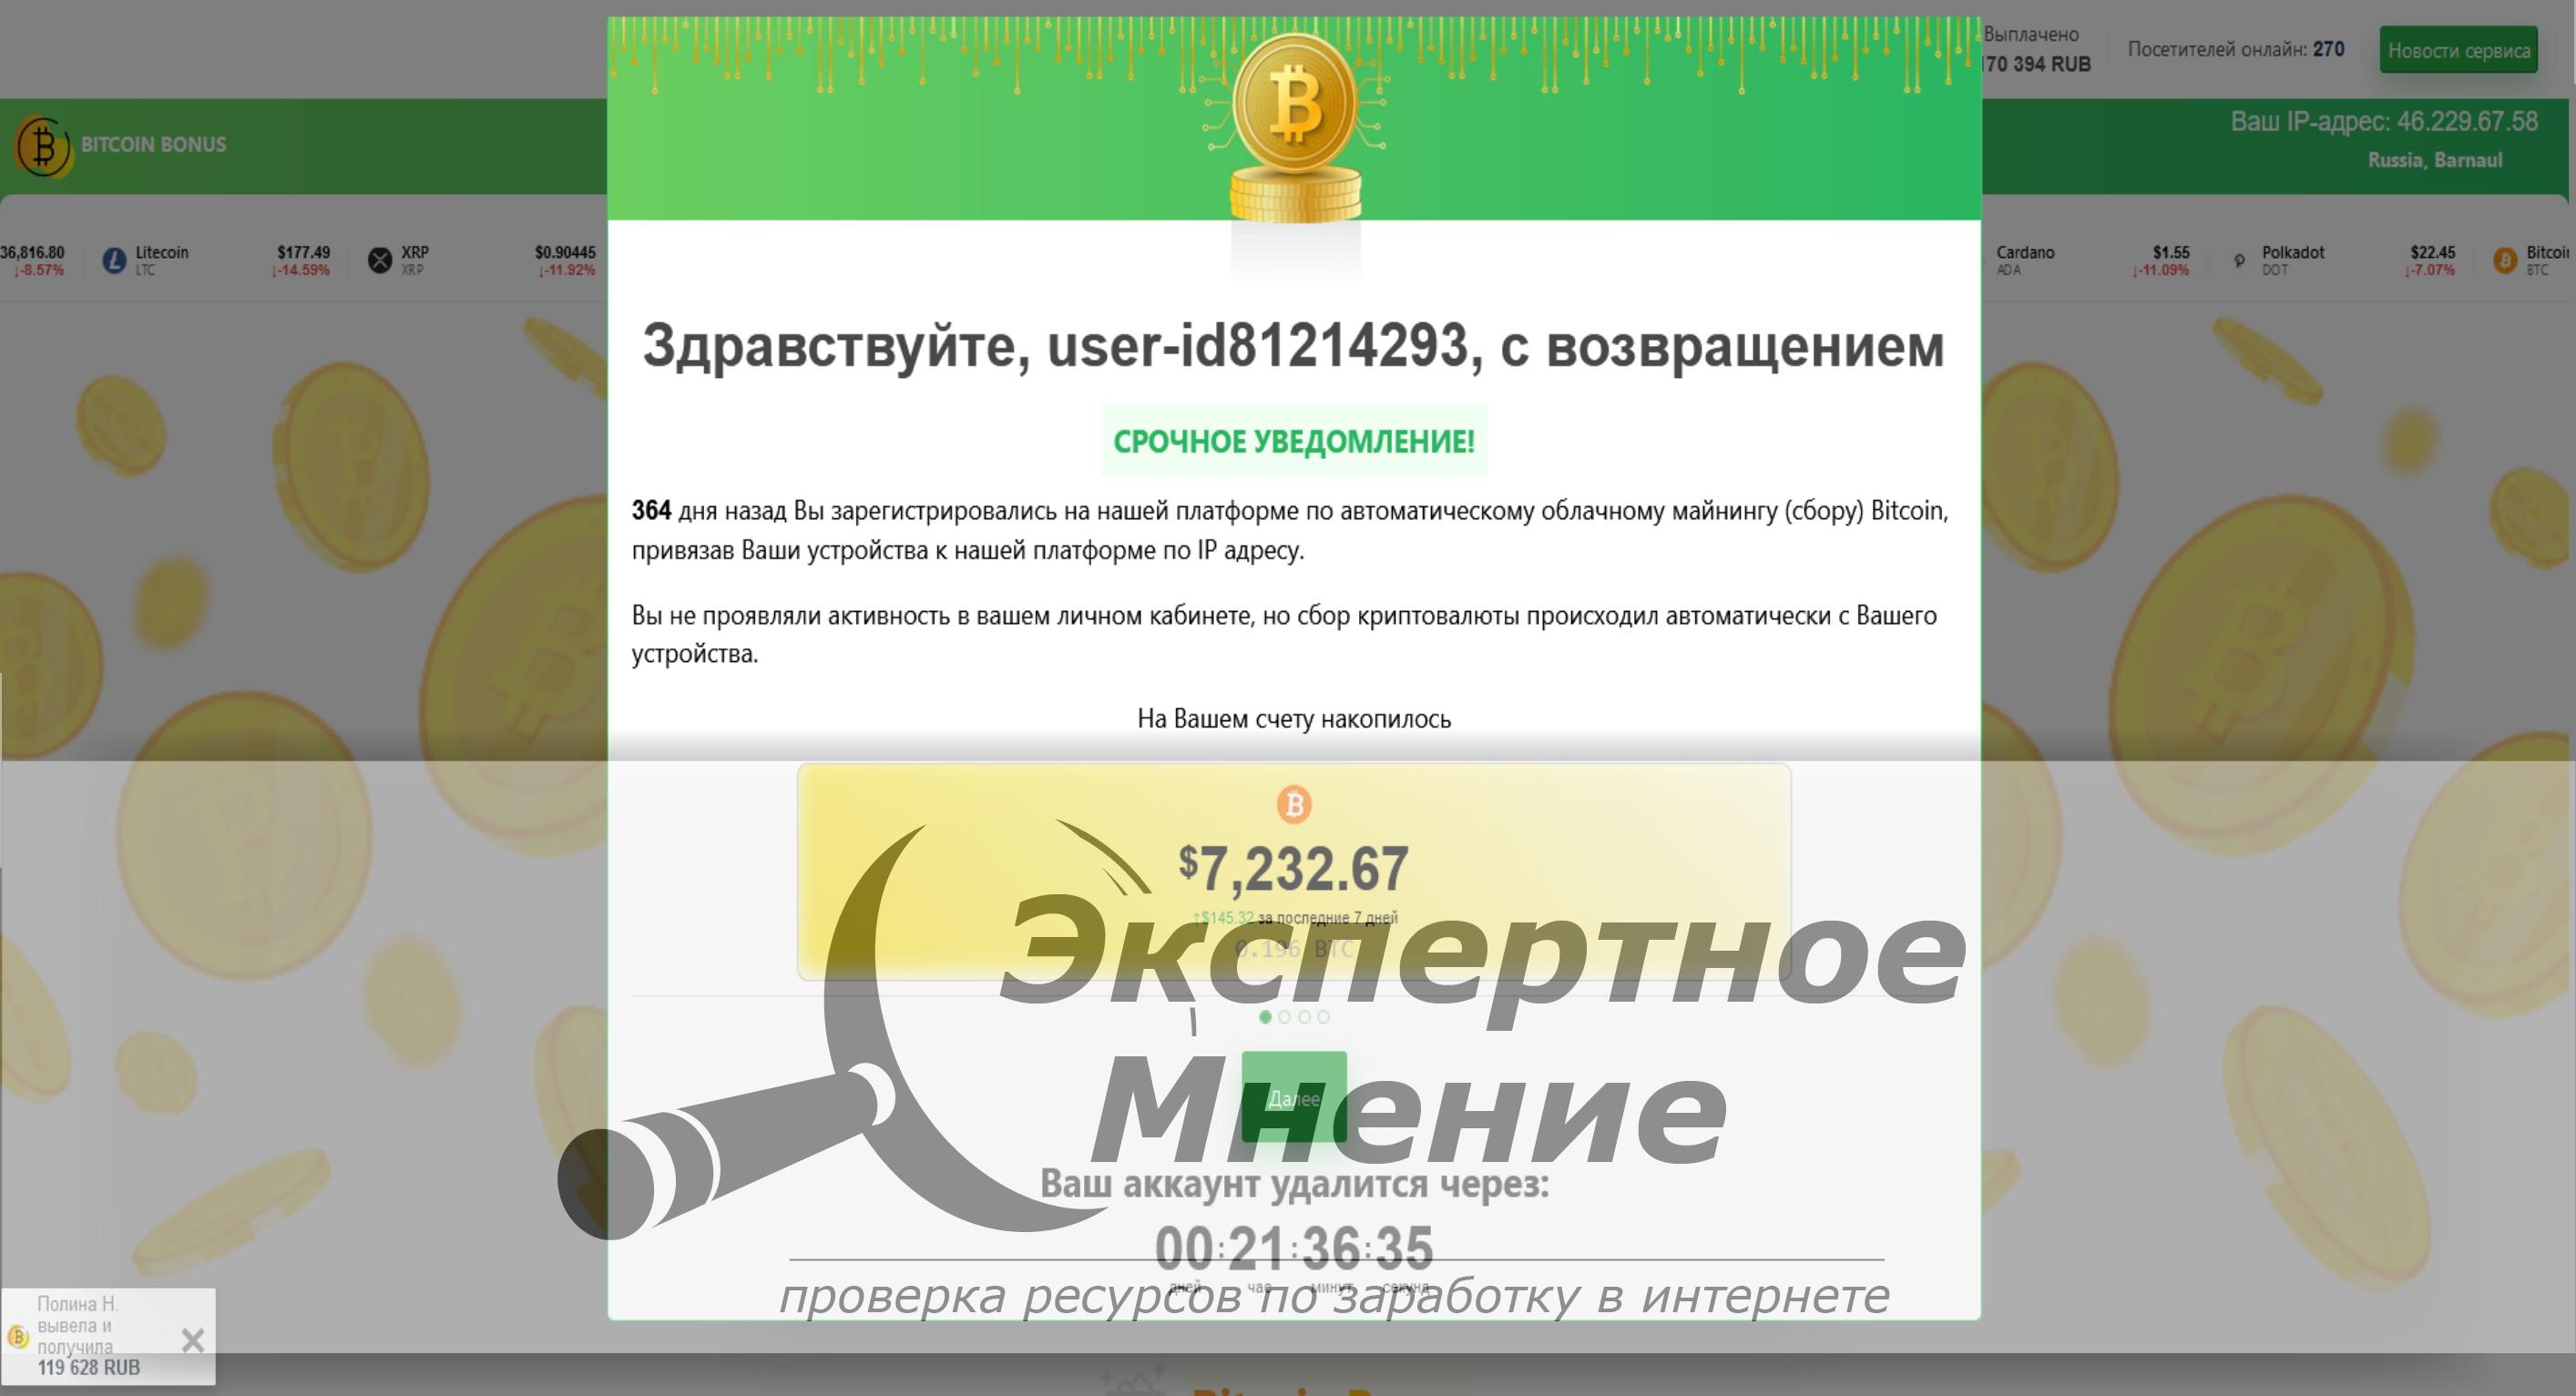 Мошенники Bitcoin Bonus На Вашем счету накопилось 7232